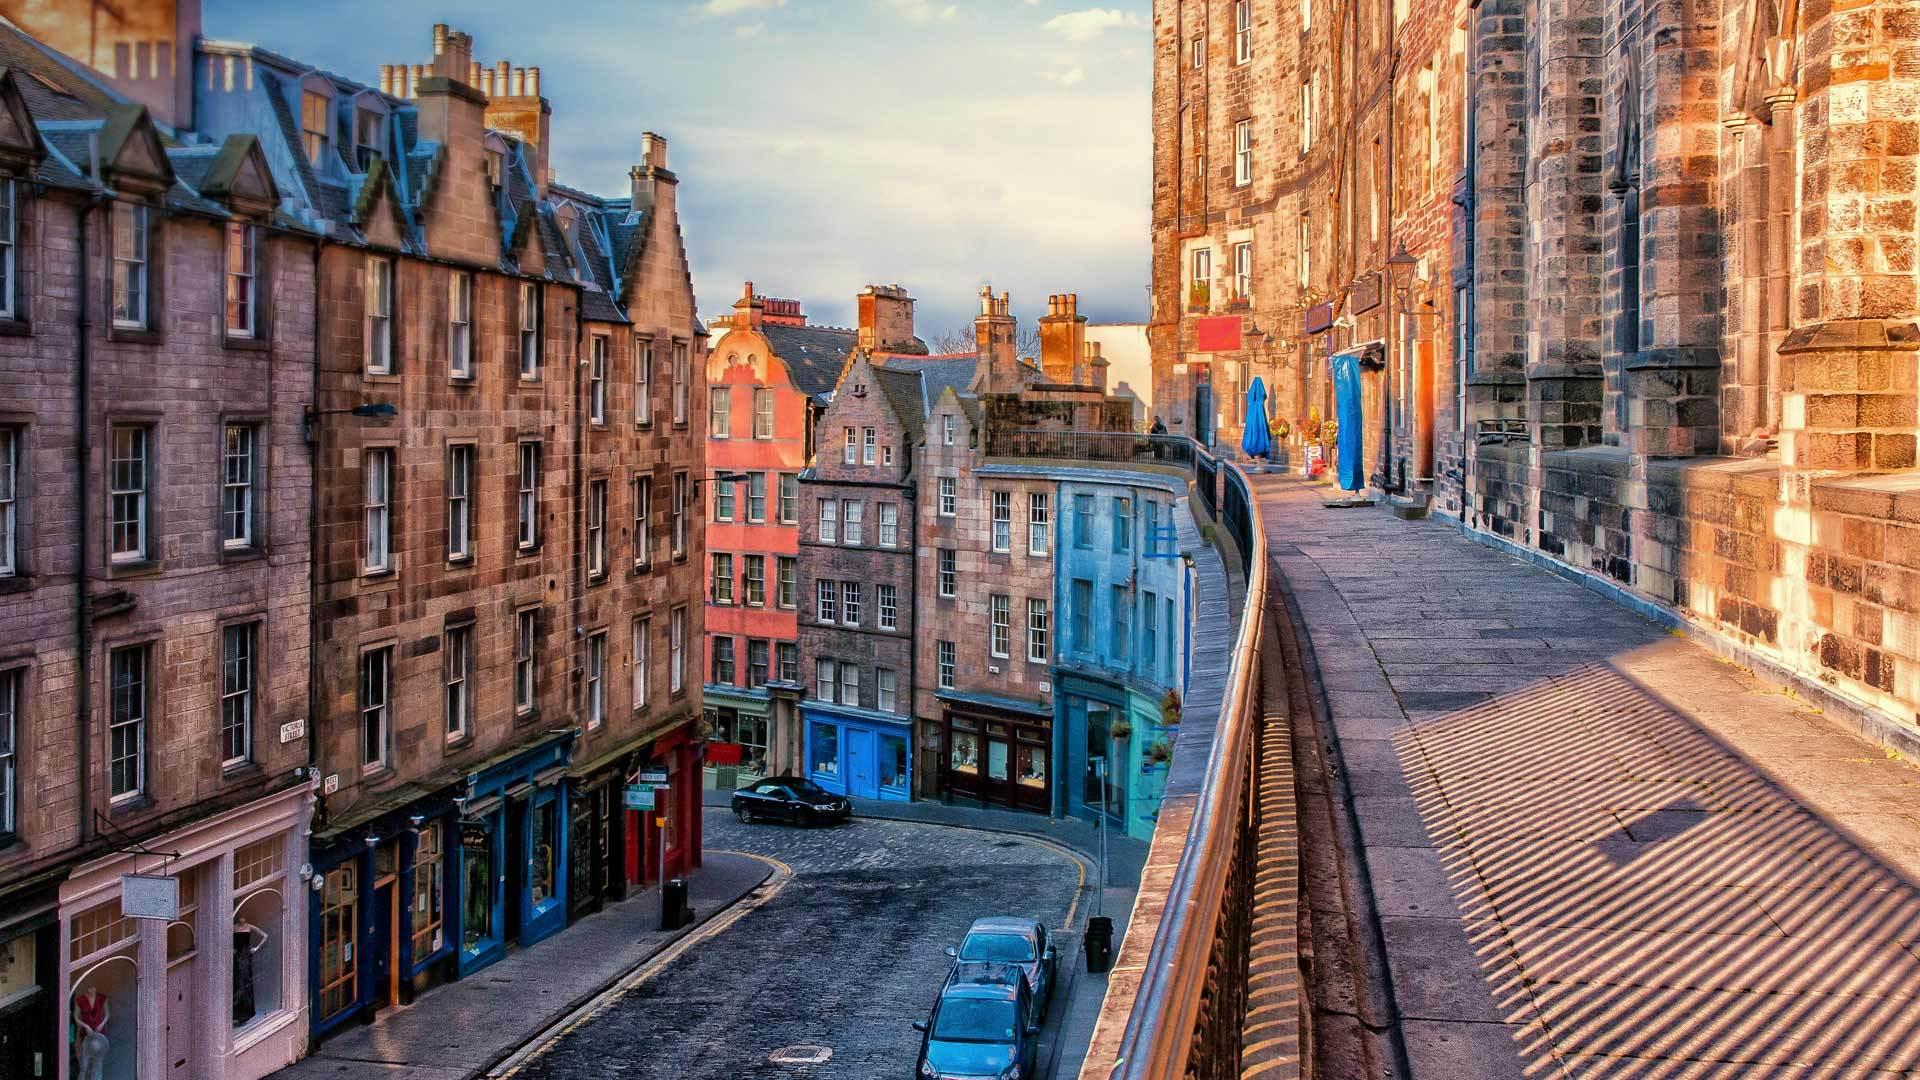 爱丁堡老城